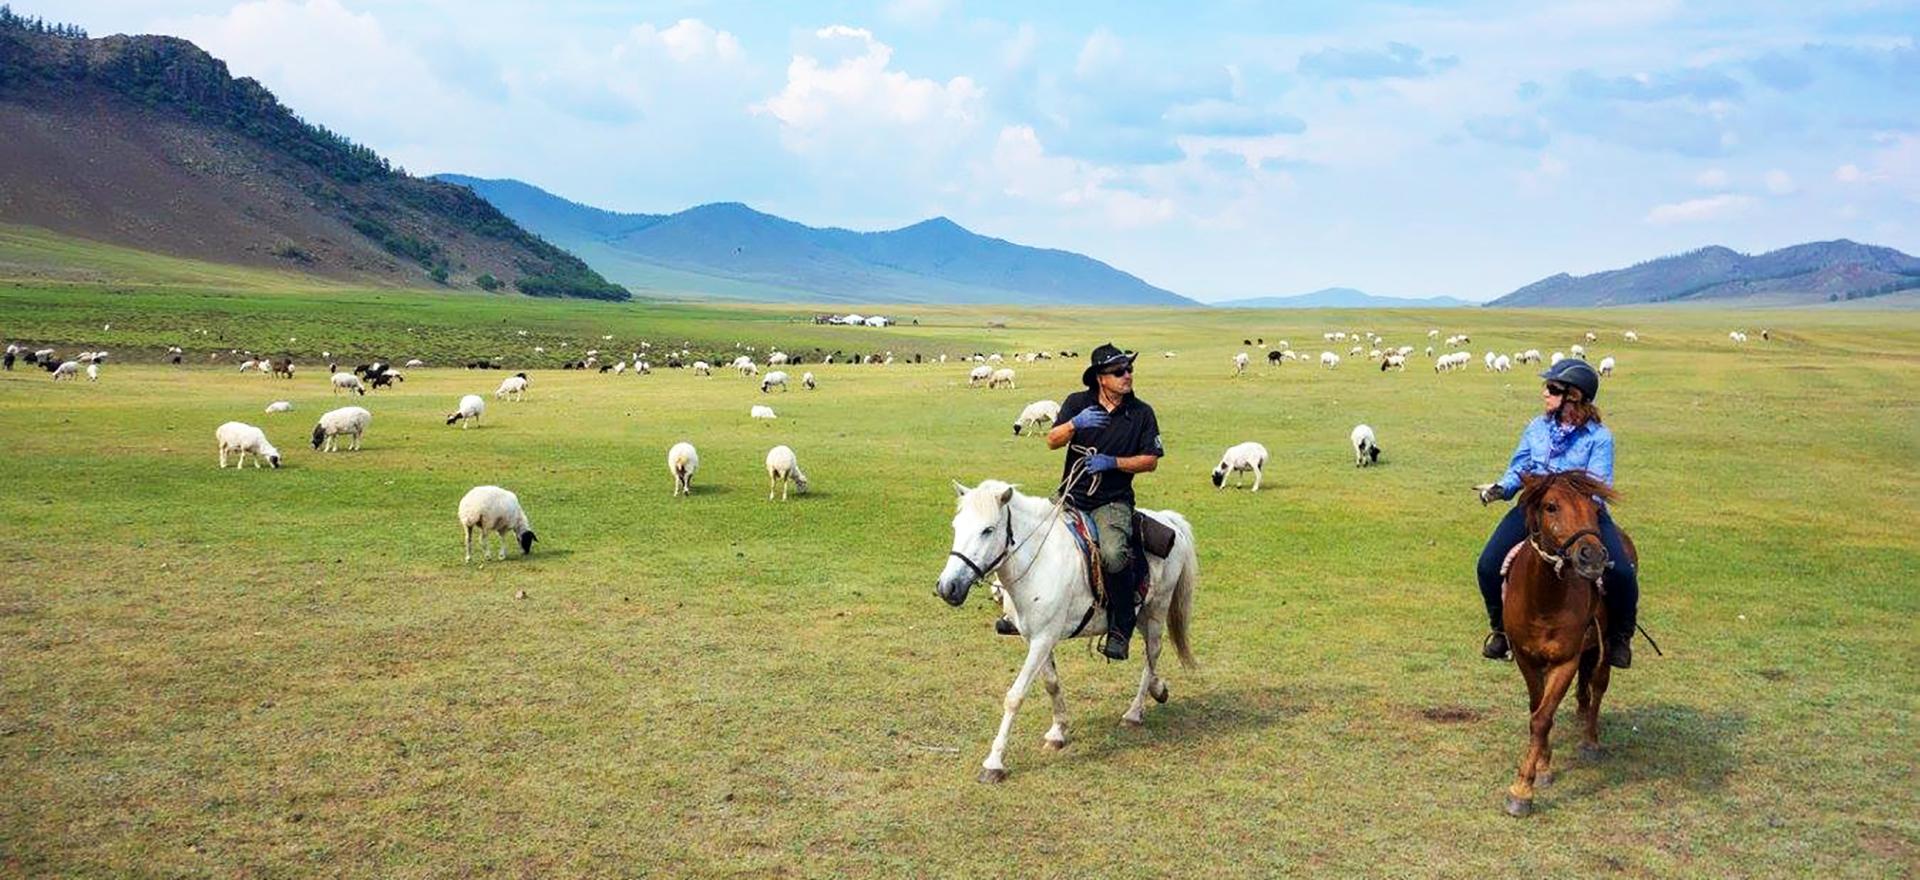 RIDE MONGOLIA 2019